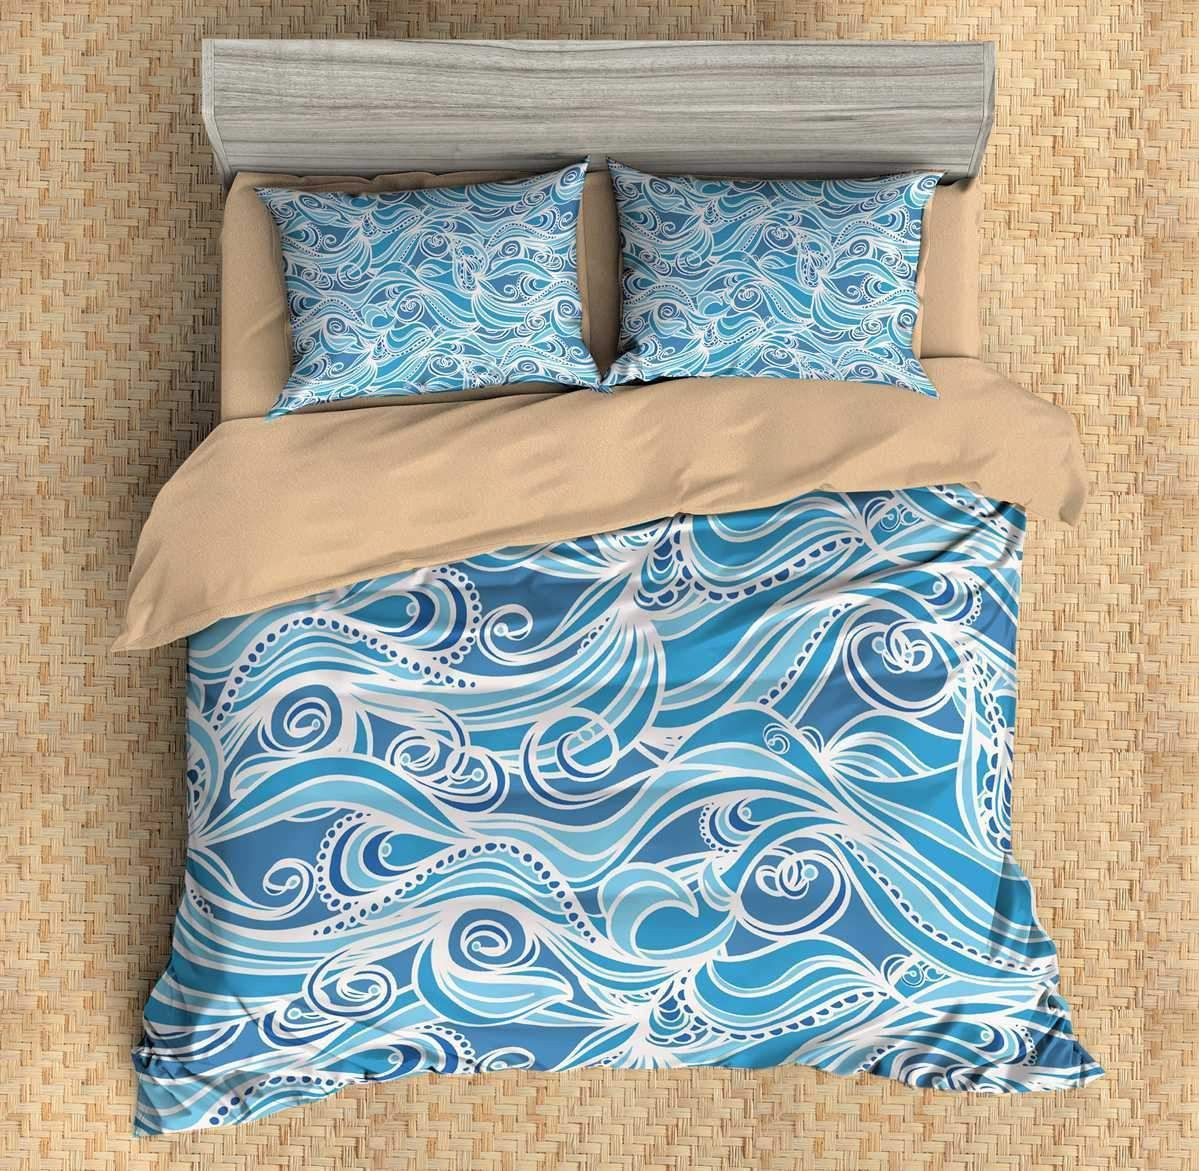 Waves #7 3D Personalized Customized Bedding Sets Duvet Cover Bedroom Sets Bedset Bedlinen